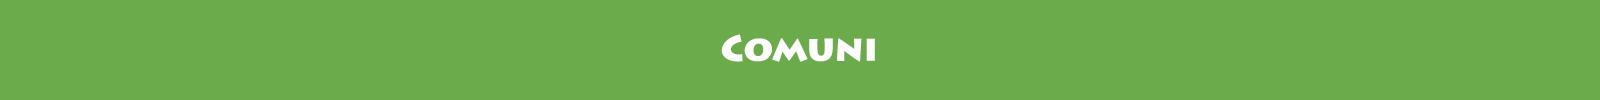 comuni-banner-nuovo